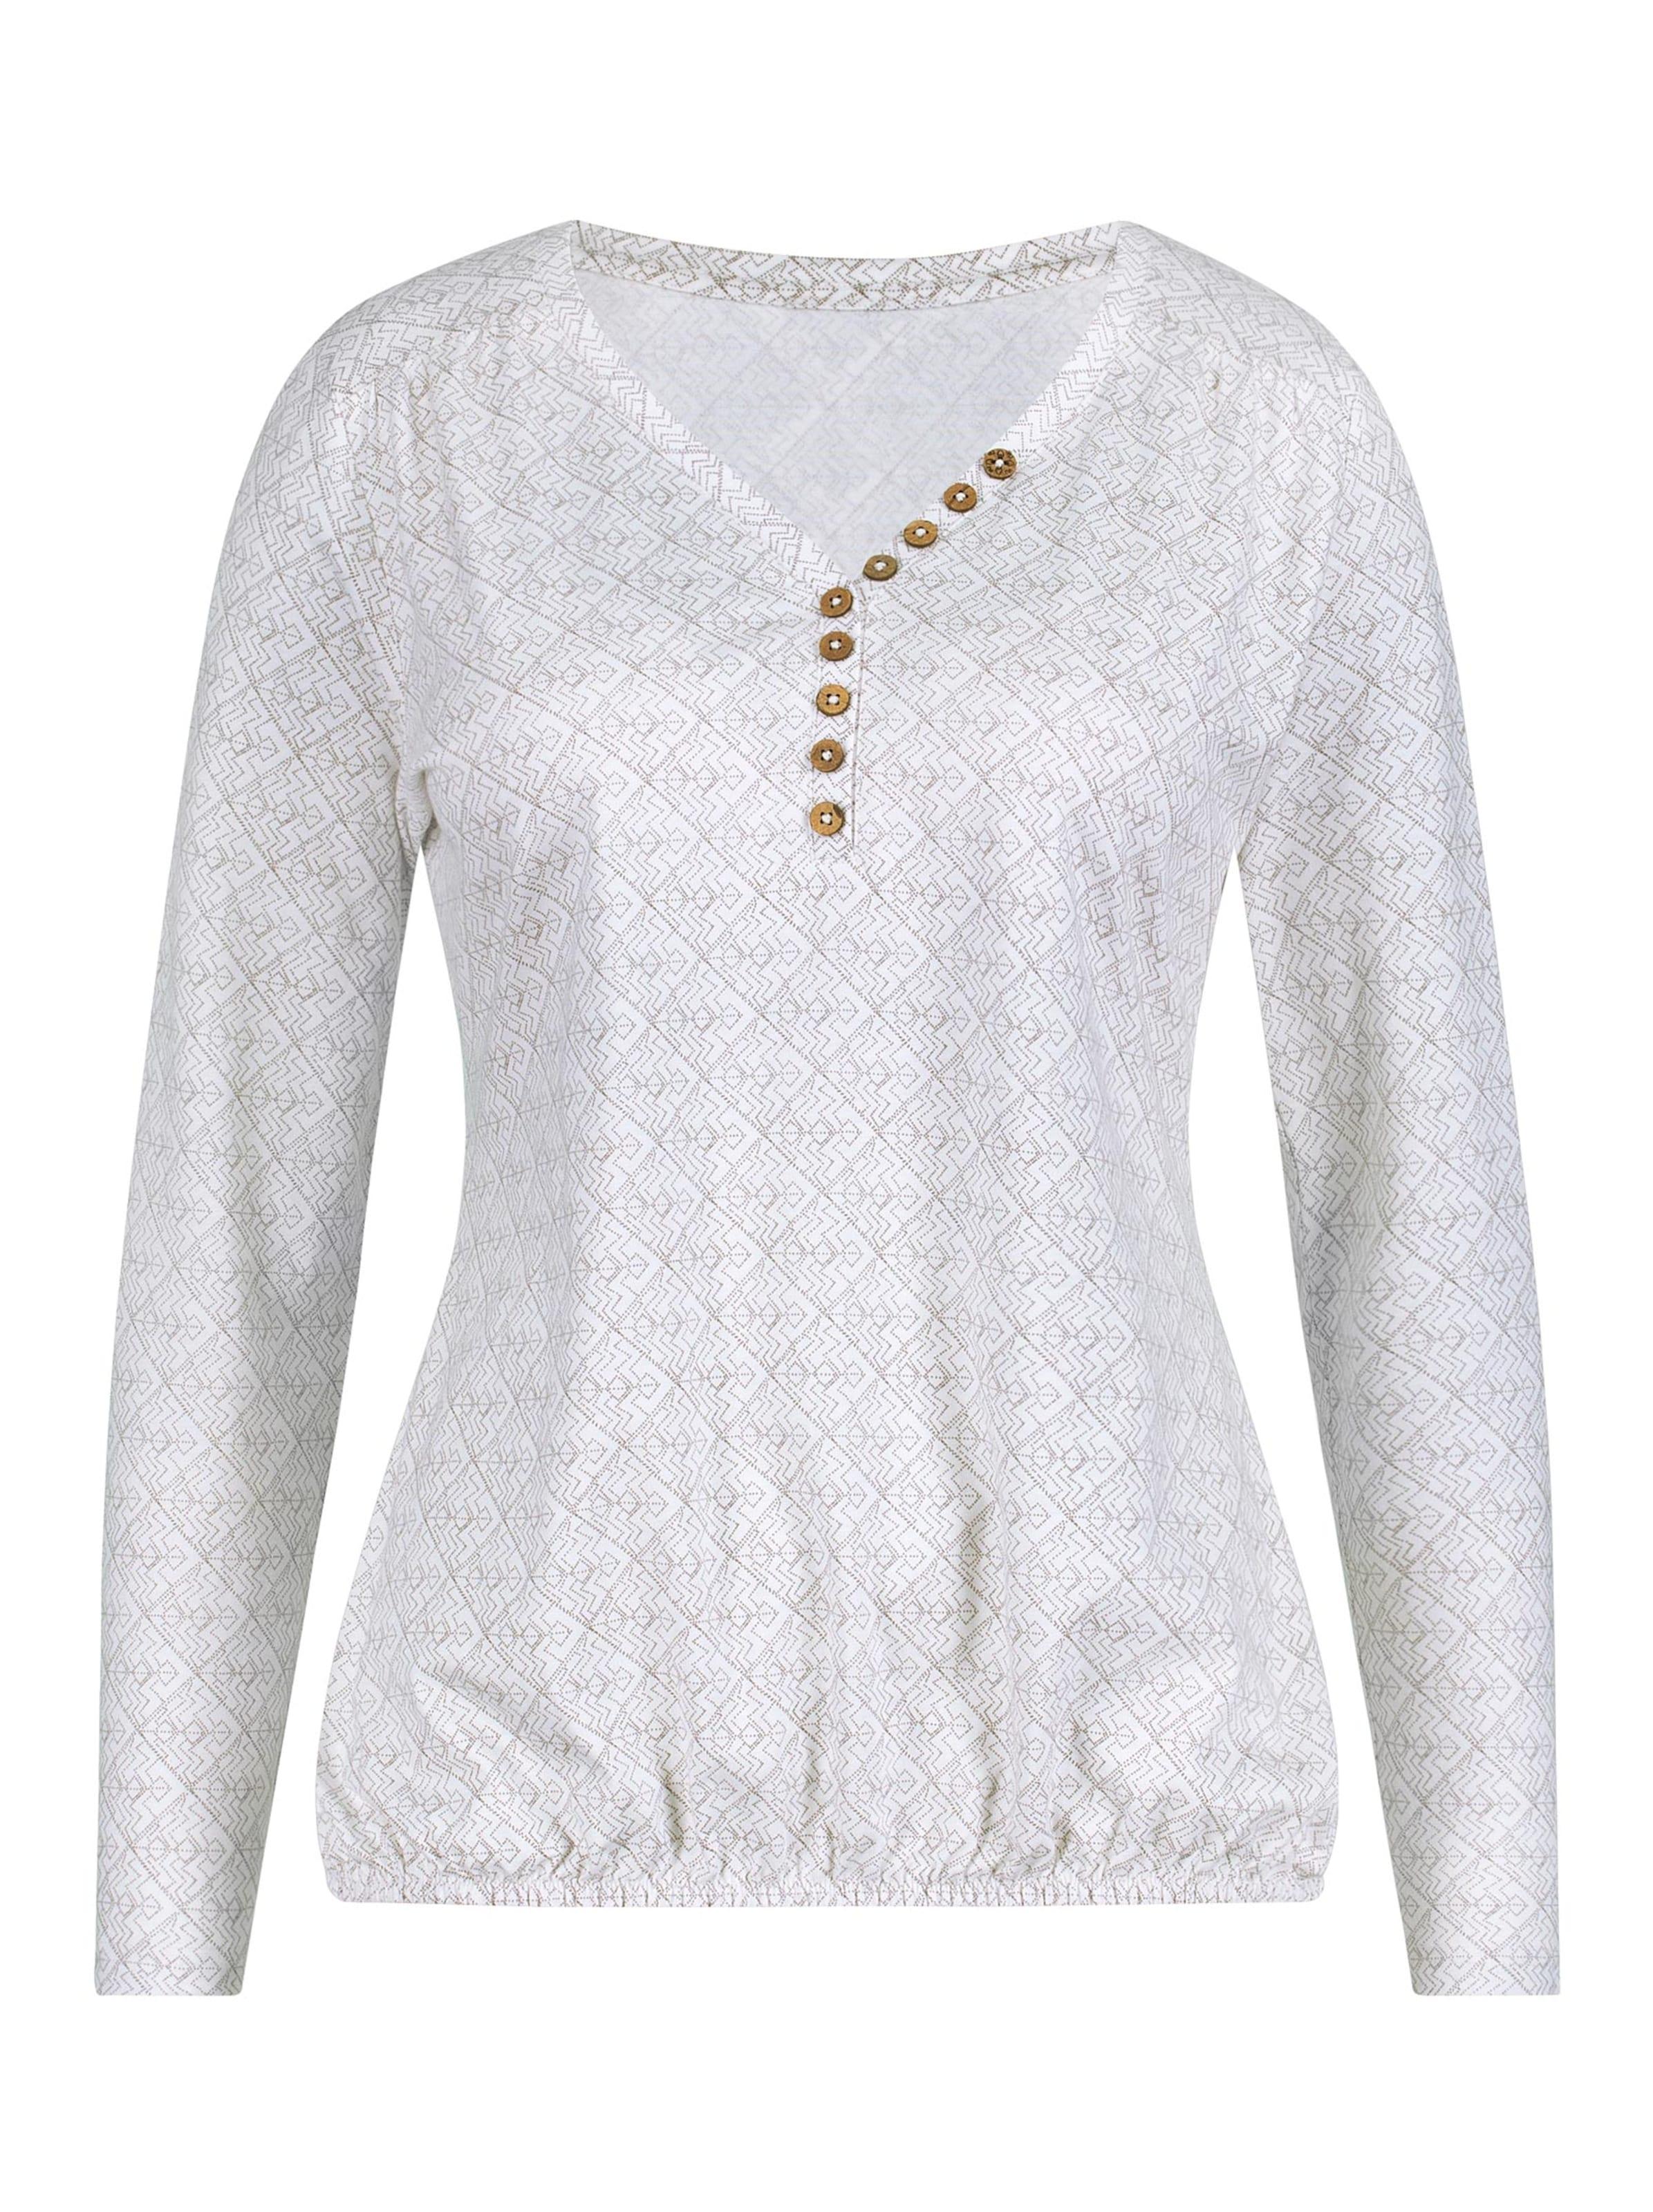 witt weiden -  Damen Shirt ecru-dunkeltaupe-bedruckt